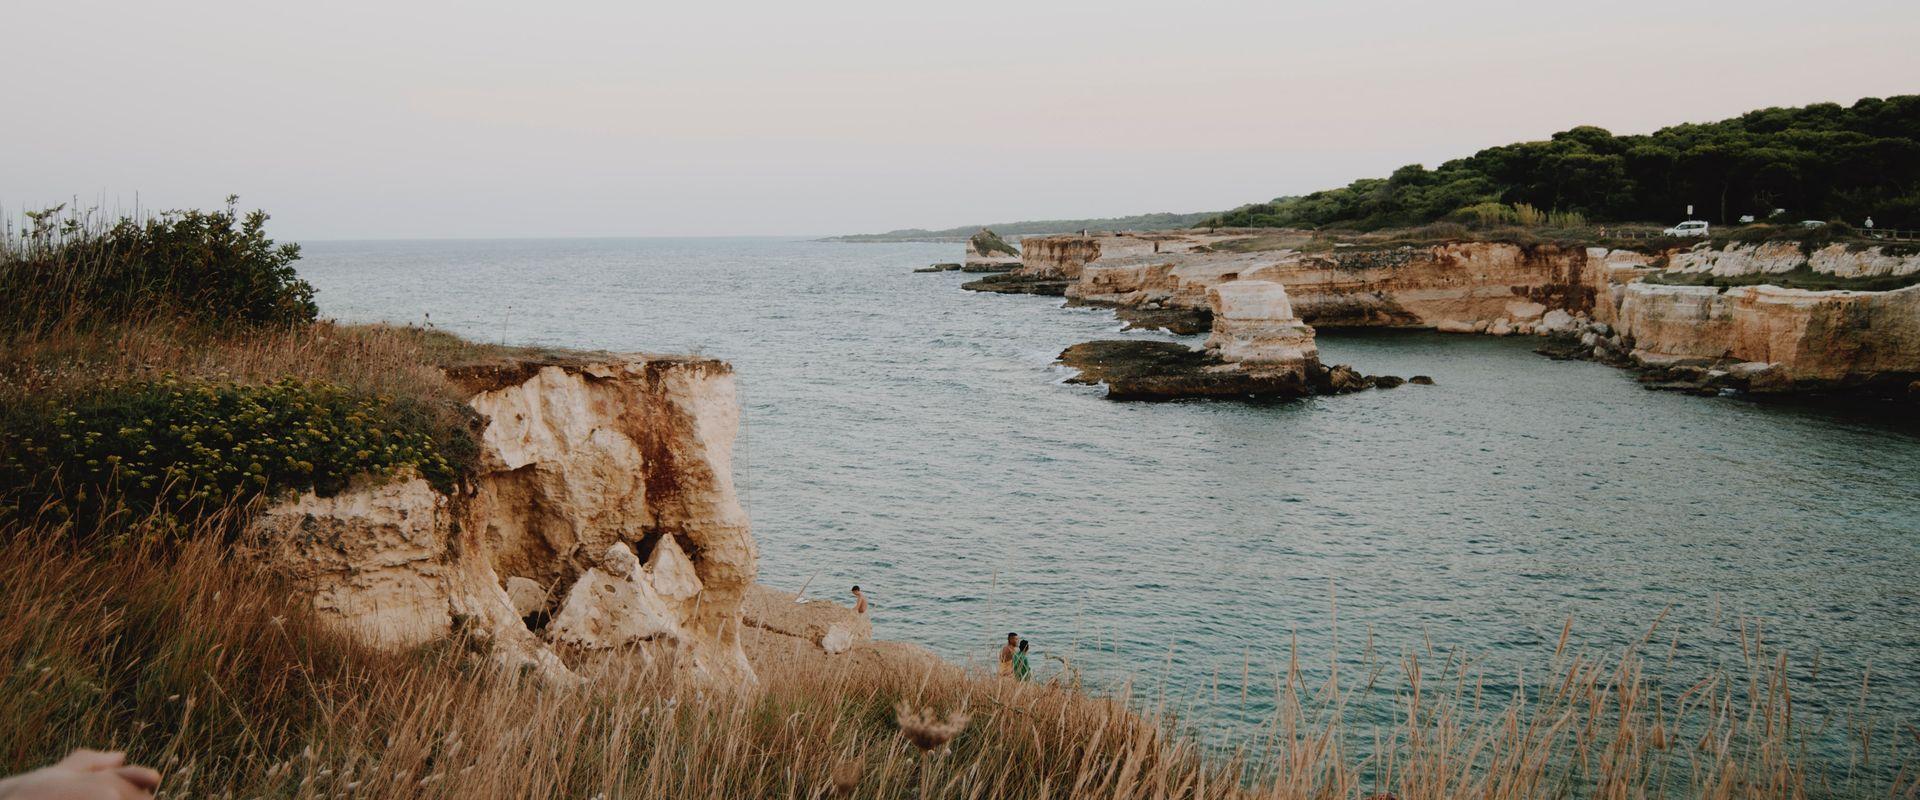 cliffside by ocean